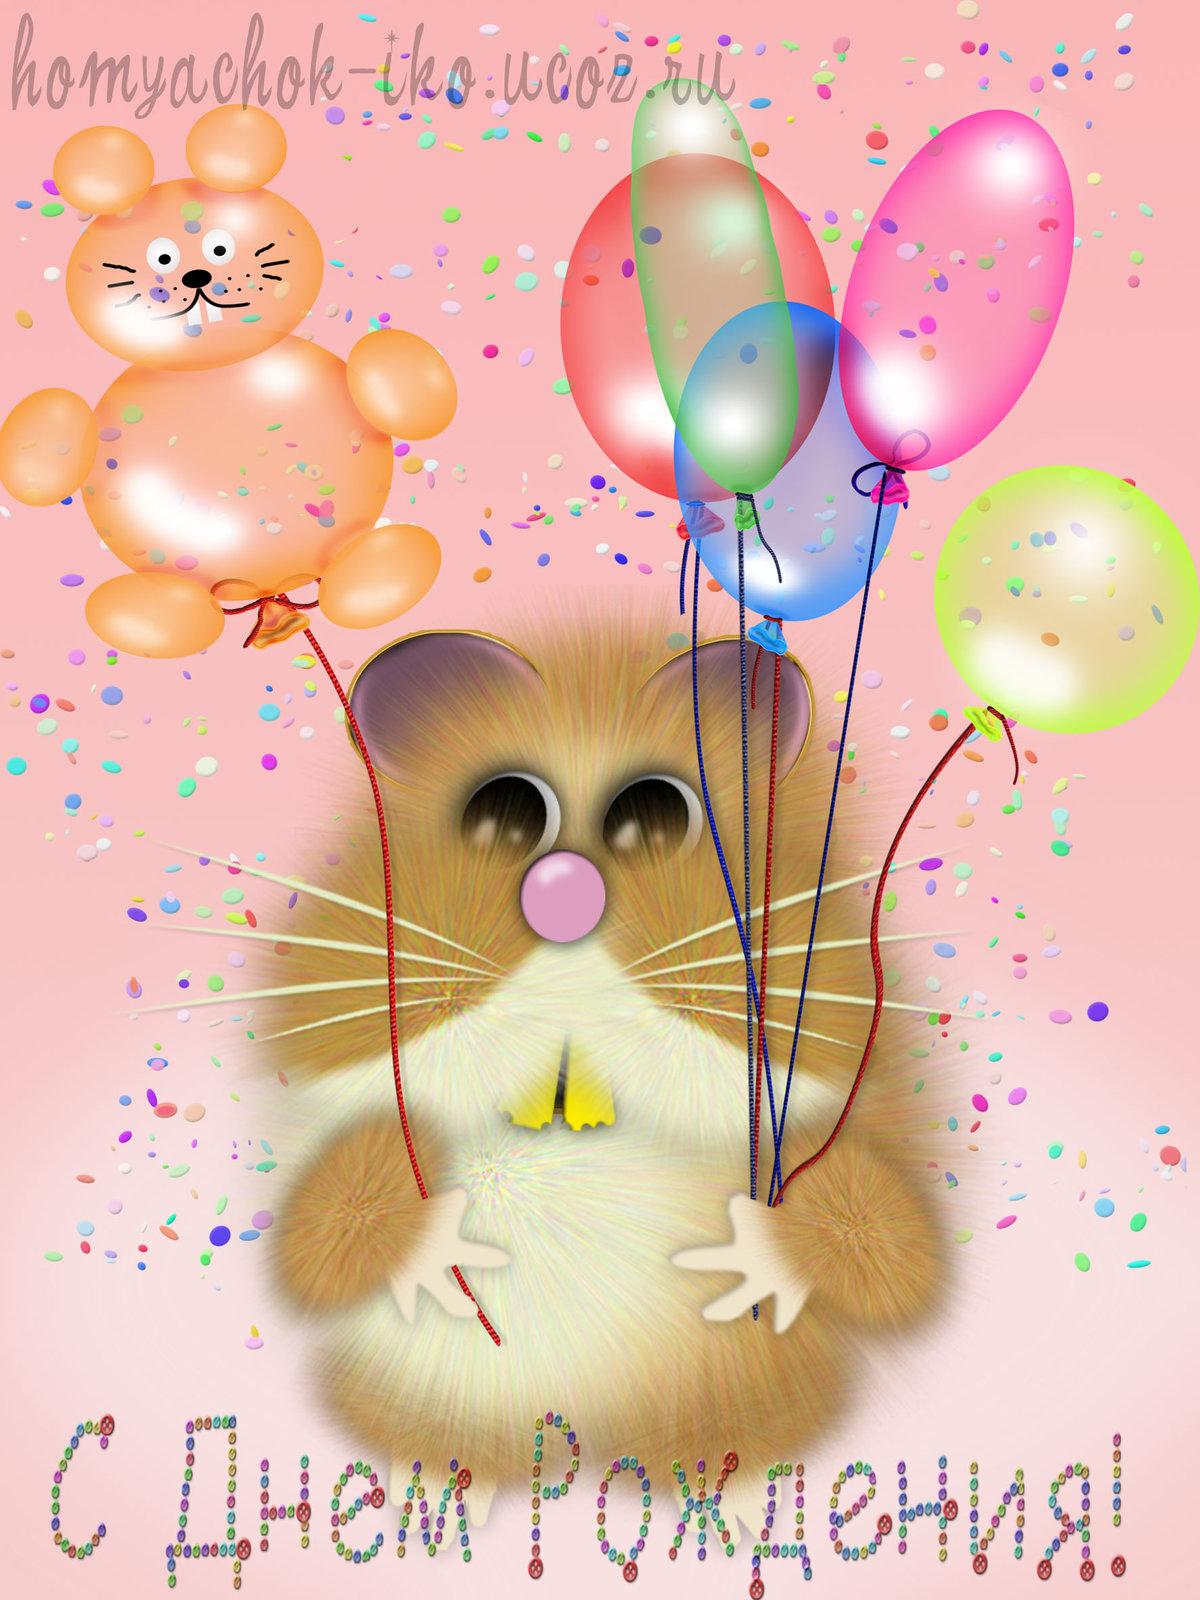 Как открытку с днем рождения на телефон в галерею